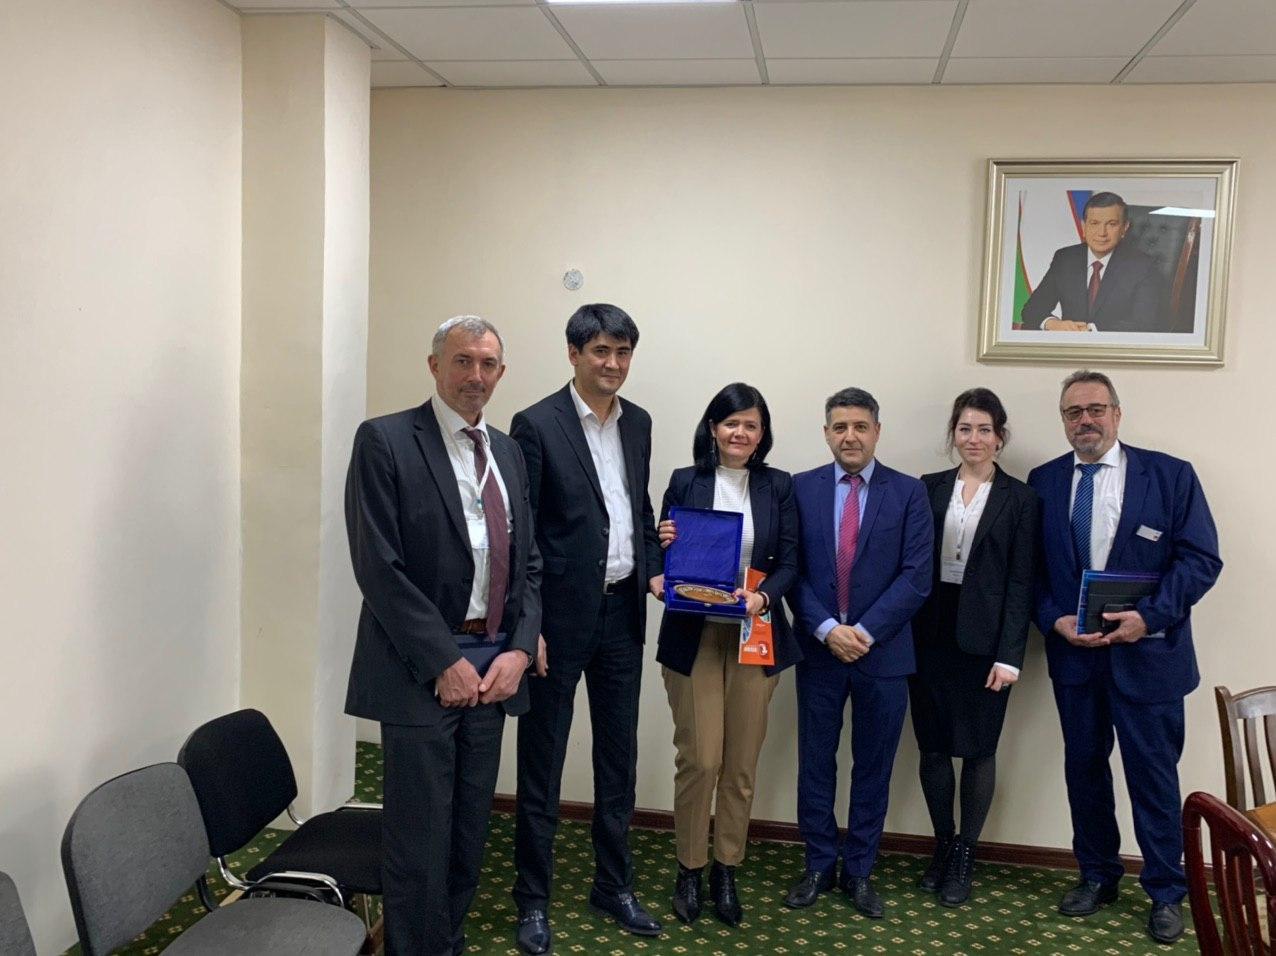 Ассоциация «Узтекстильпром» укрепляет сотрудничество с немецкими компаниями в сфере управления водными ресурсами и ирригационными системами